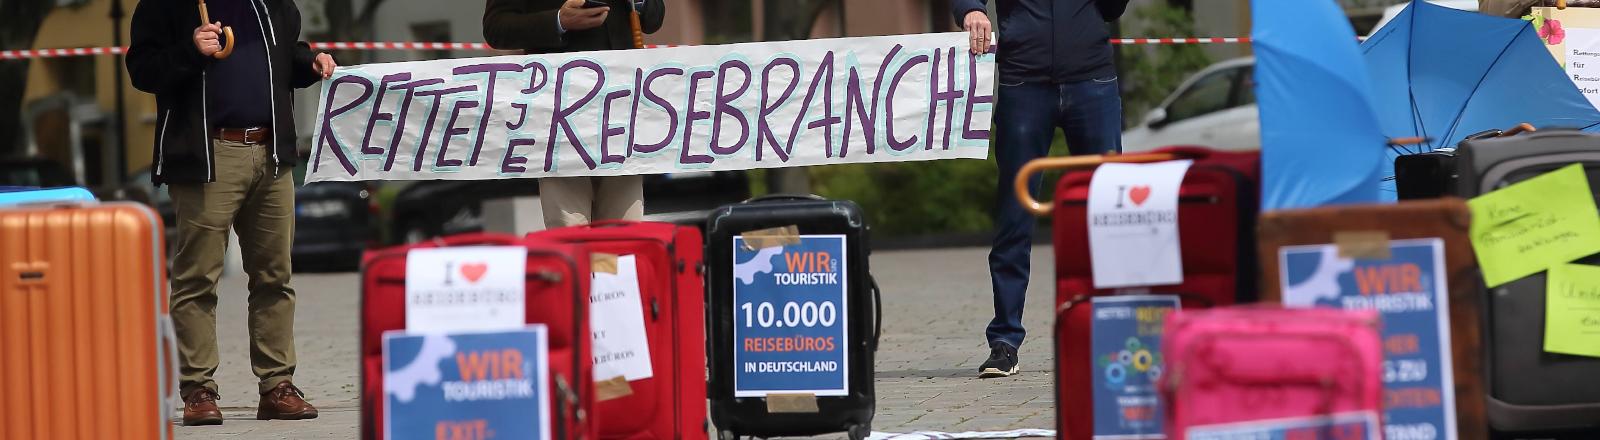 Menschen demonstrieren für die Rettung der Reisebranche